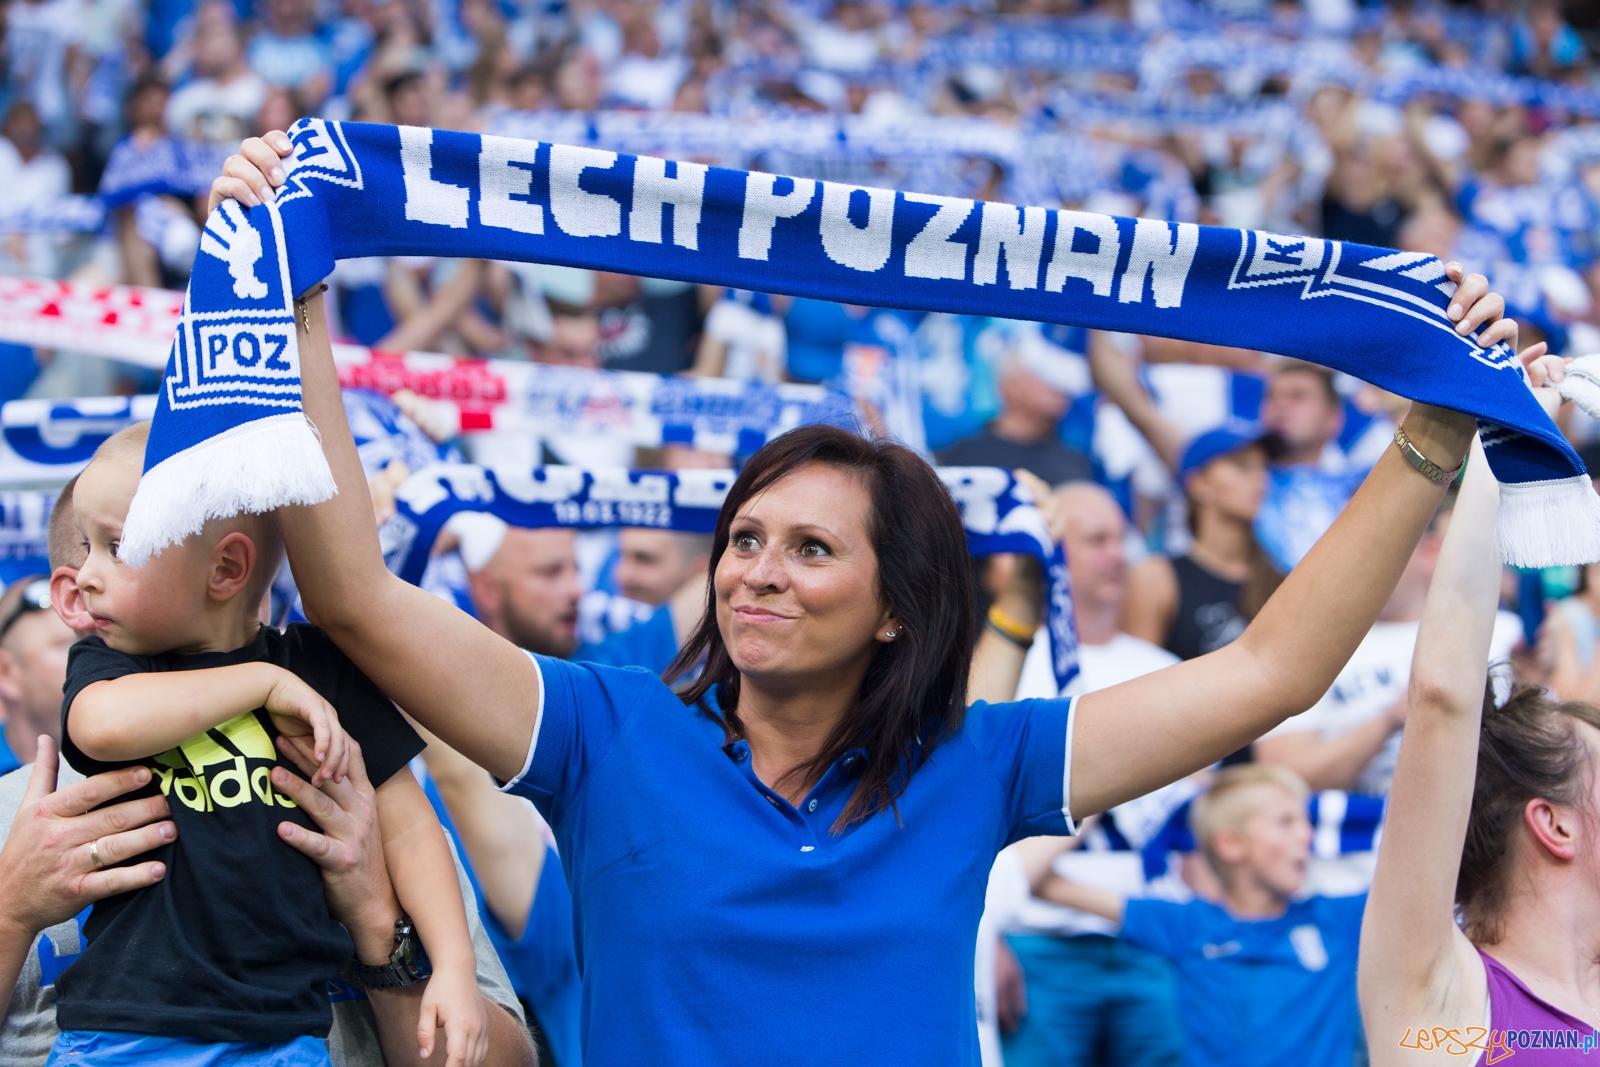 Lech Poznań - Pogoń Szczecin  Foto: lepszyPOZNAN.pl / Piotr Rychter